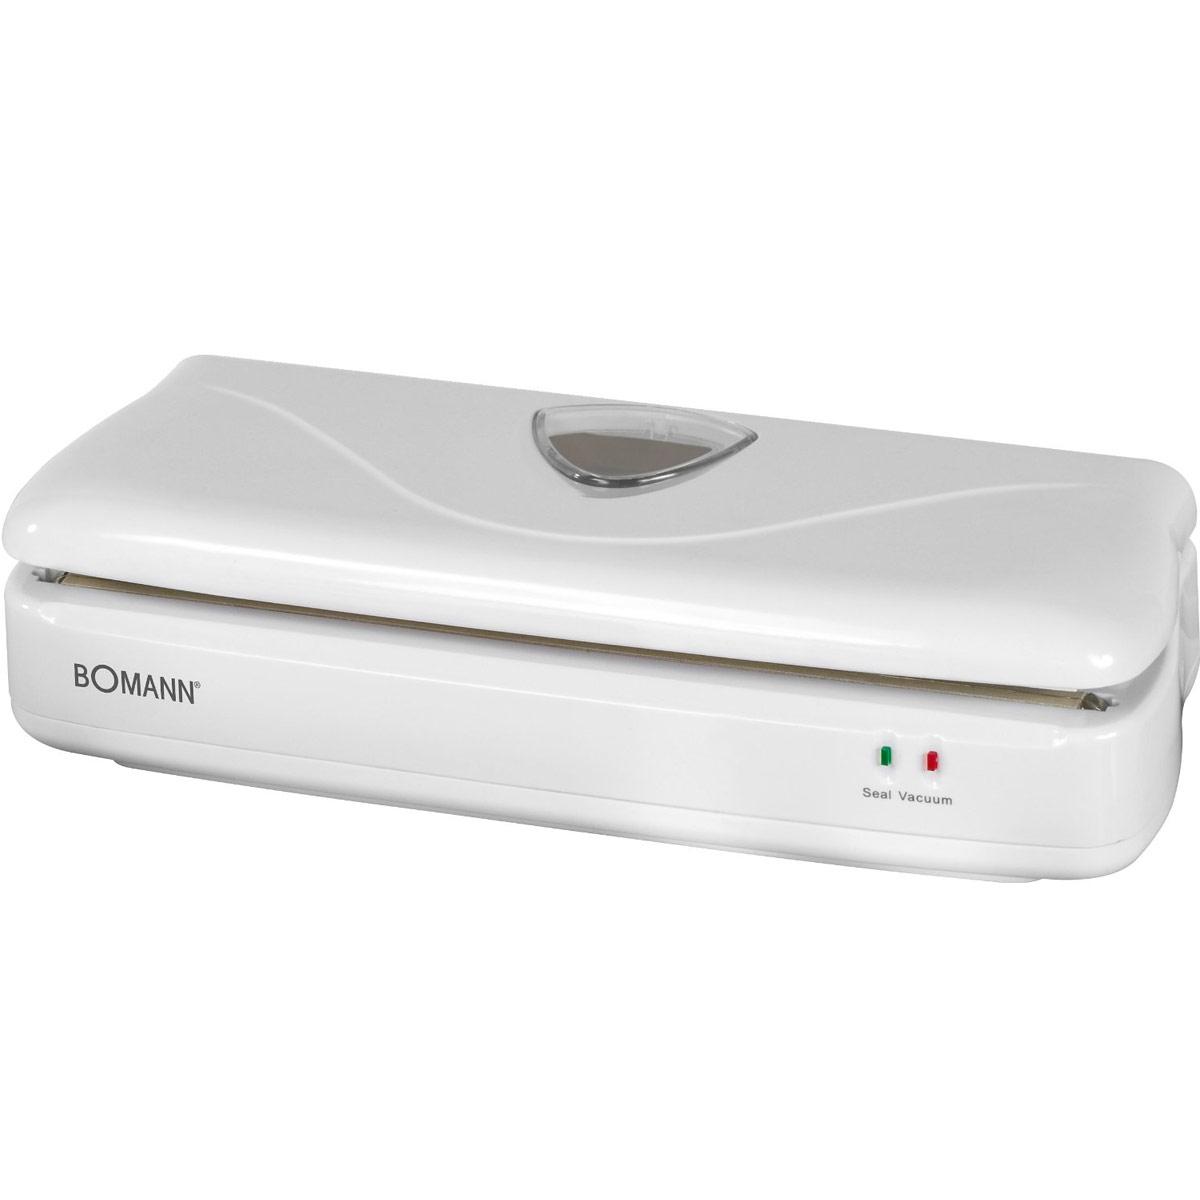 Bomann FS 1014 CB, White вакуумный упаковщик bomann gb 388 white морозильная камера